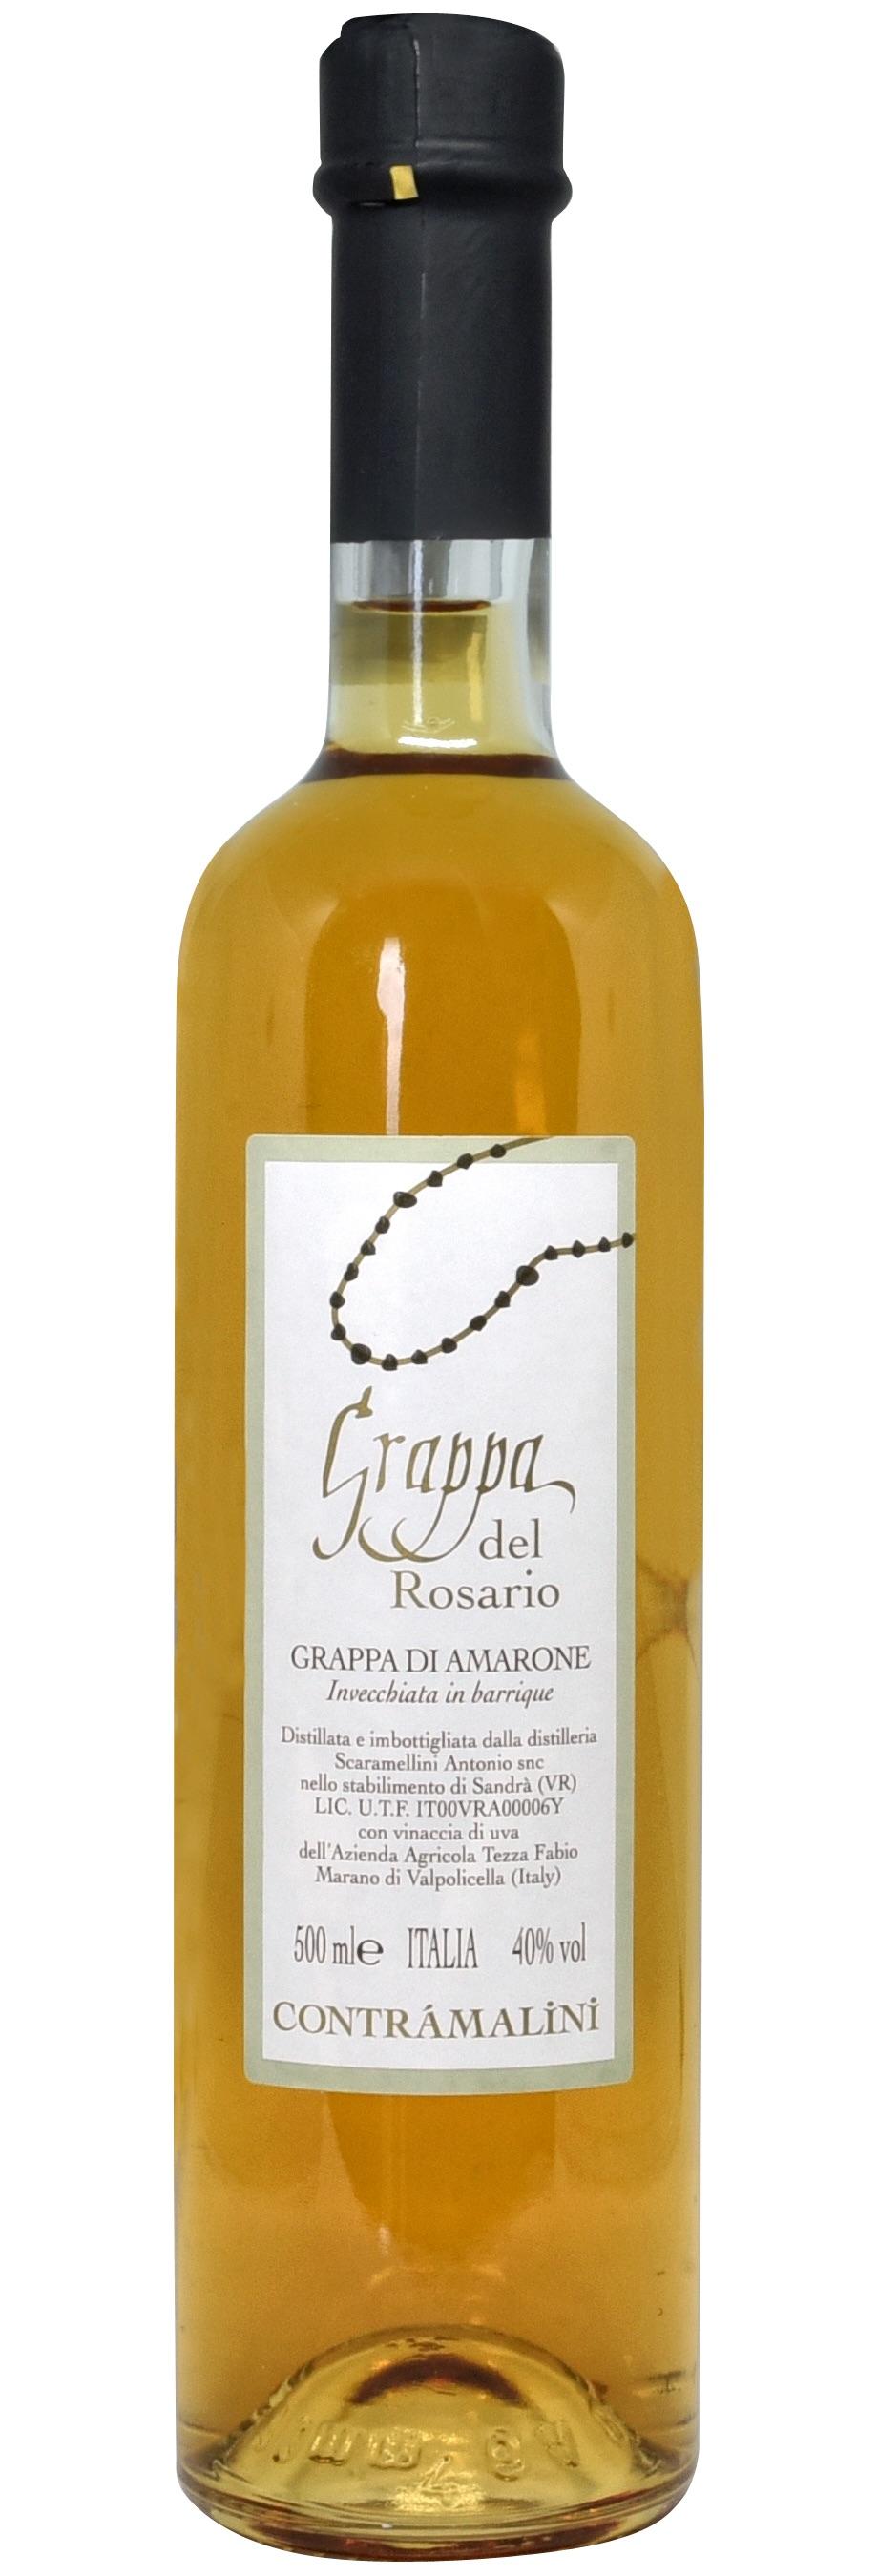 - Grappa del RosarioOttenuta dalla distillazione delle vinacce di Amarone della Valpolicella, invecchiata in barrique.500 ML - 40% vol.